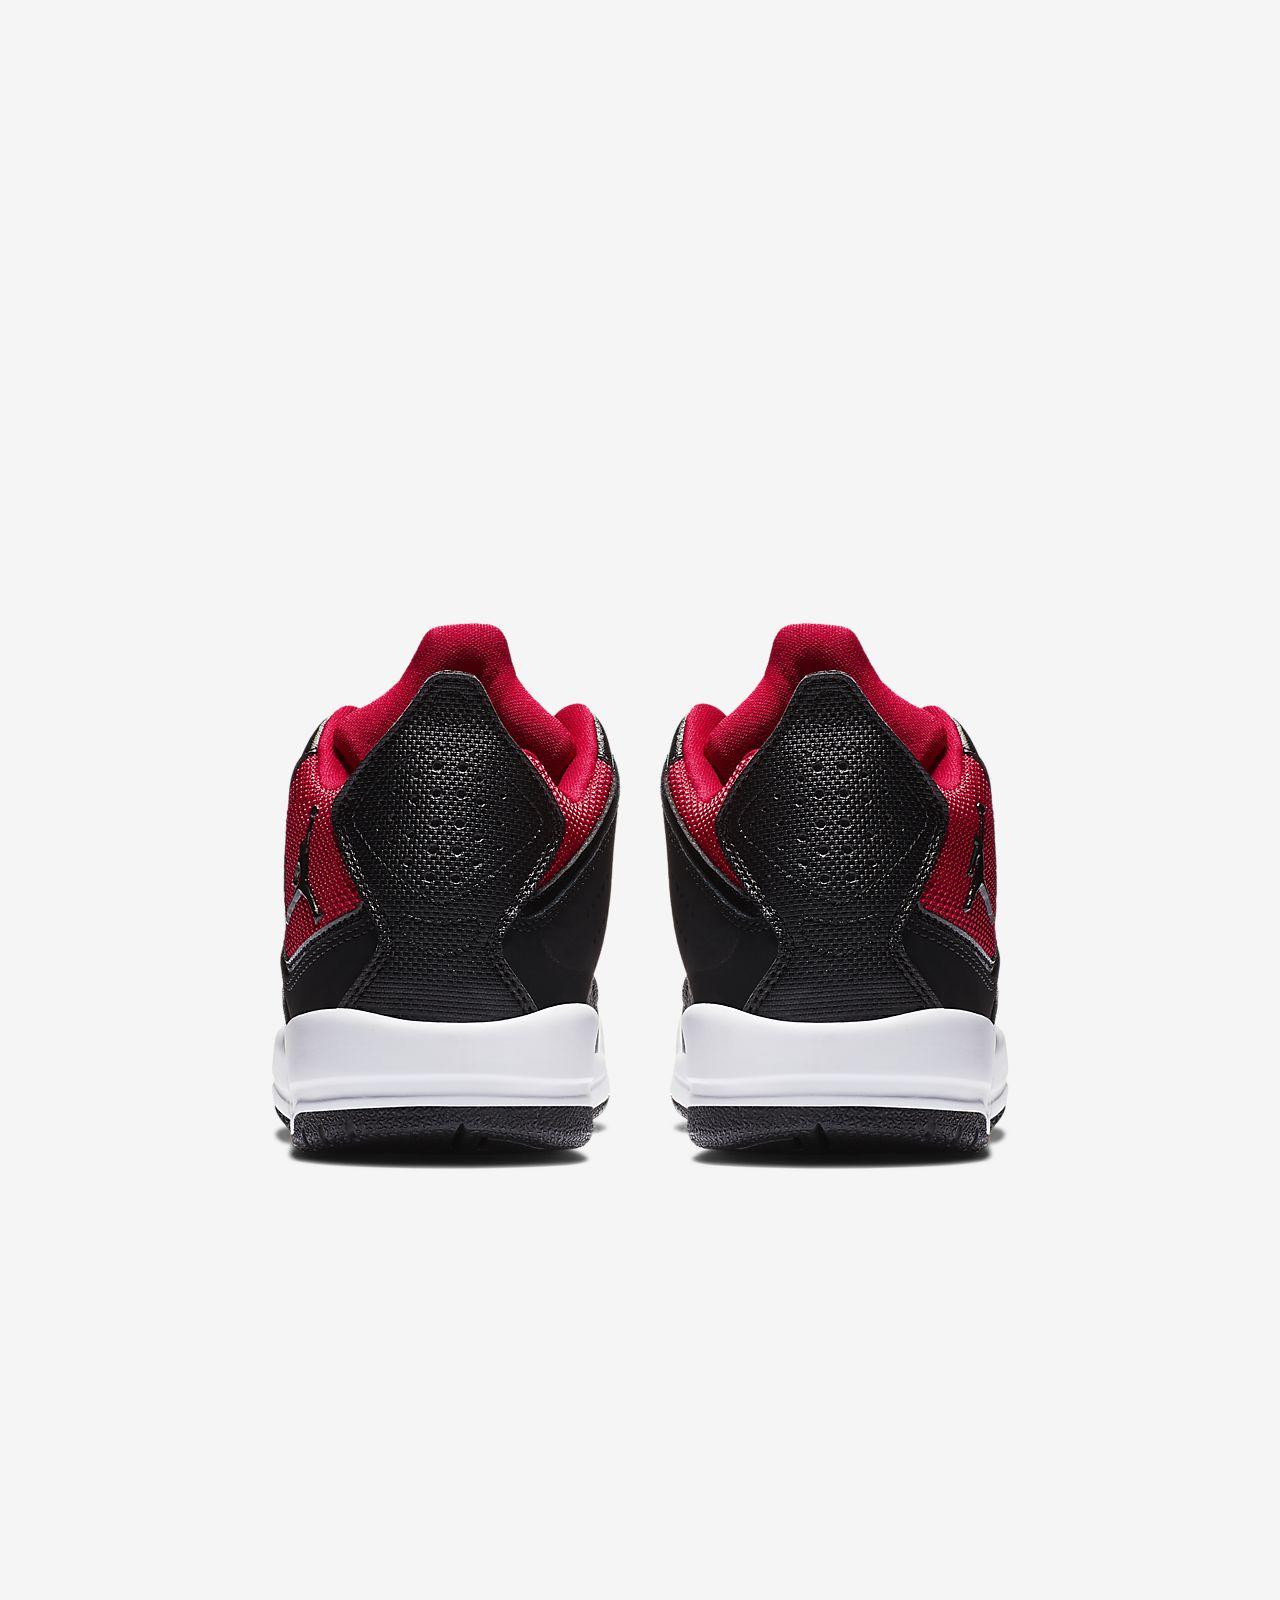 28b8163e8 Jordan Courtside 23 Older Kids  Shoe. Nike.com CA